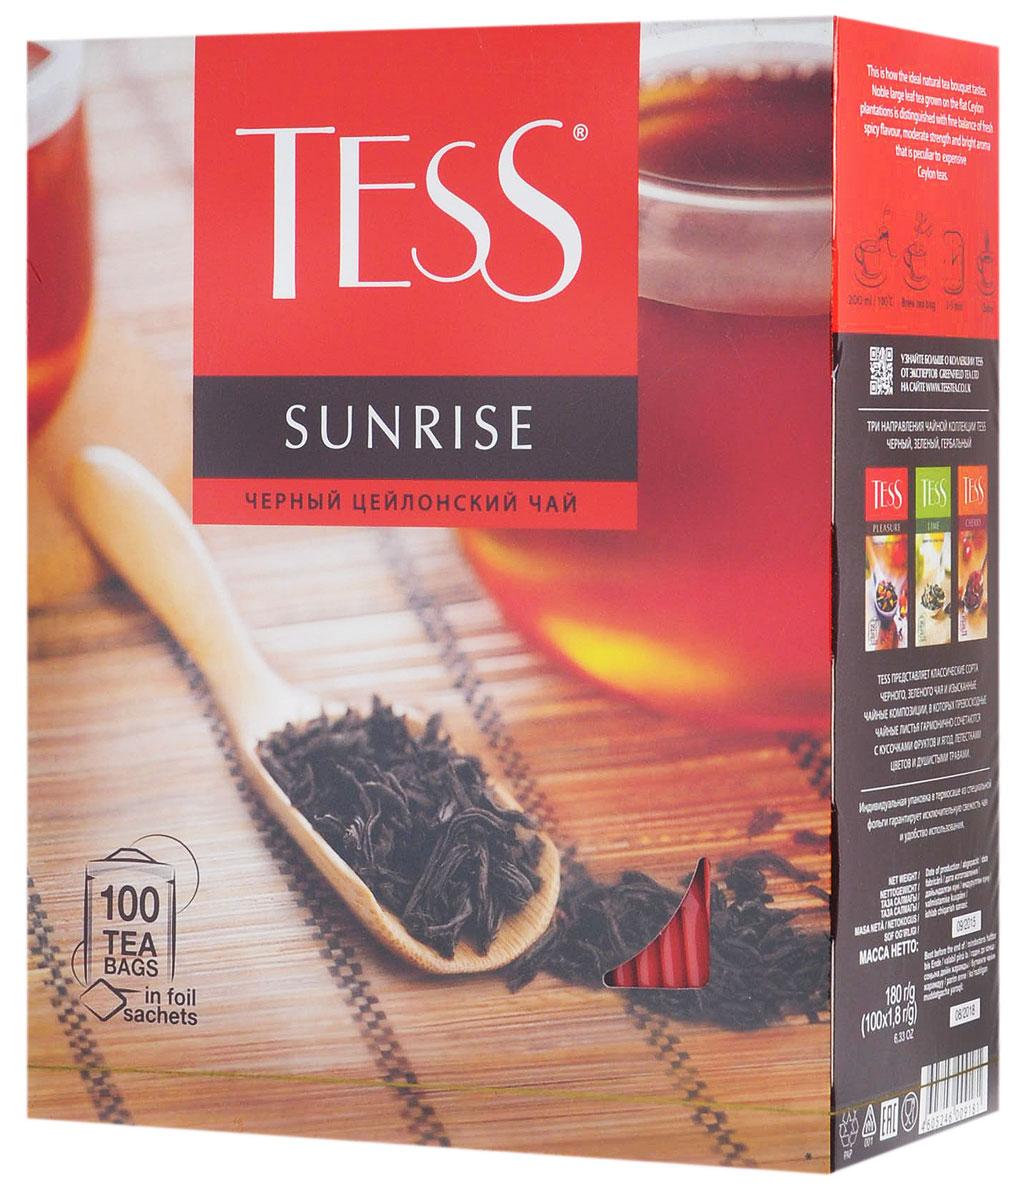 Tess Sunrise черный чай в пакетиках, 100 шт0918-09Черный байховый цейлонский чай Tess Sunrise отличается необыкновенно насыщенным ярким вкусом и тонким, очень приятным ароматом, свойственным цейлонским чаям.Всё о чае: сорта, факты, советы по выбору и употреблению. Статья OZON Гид